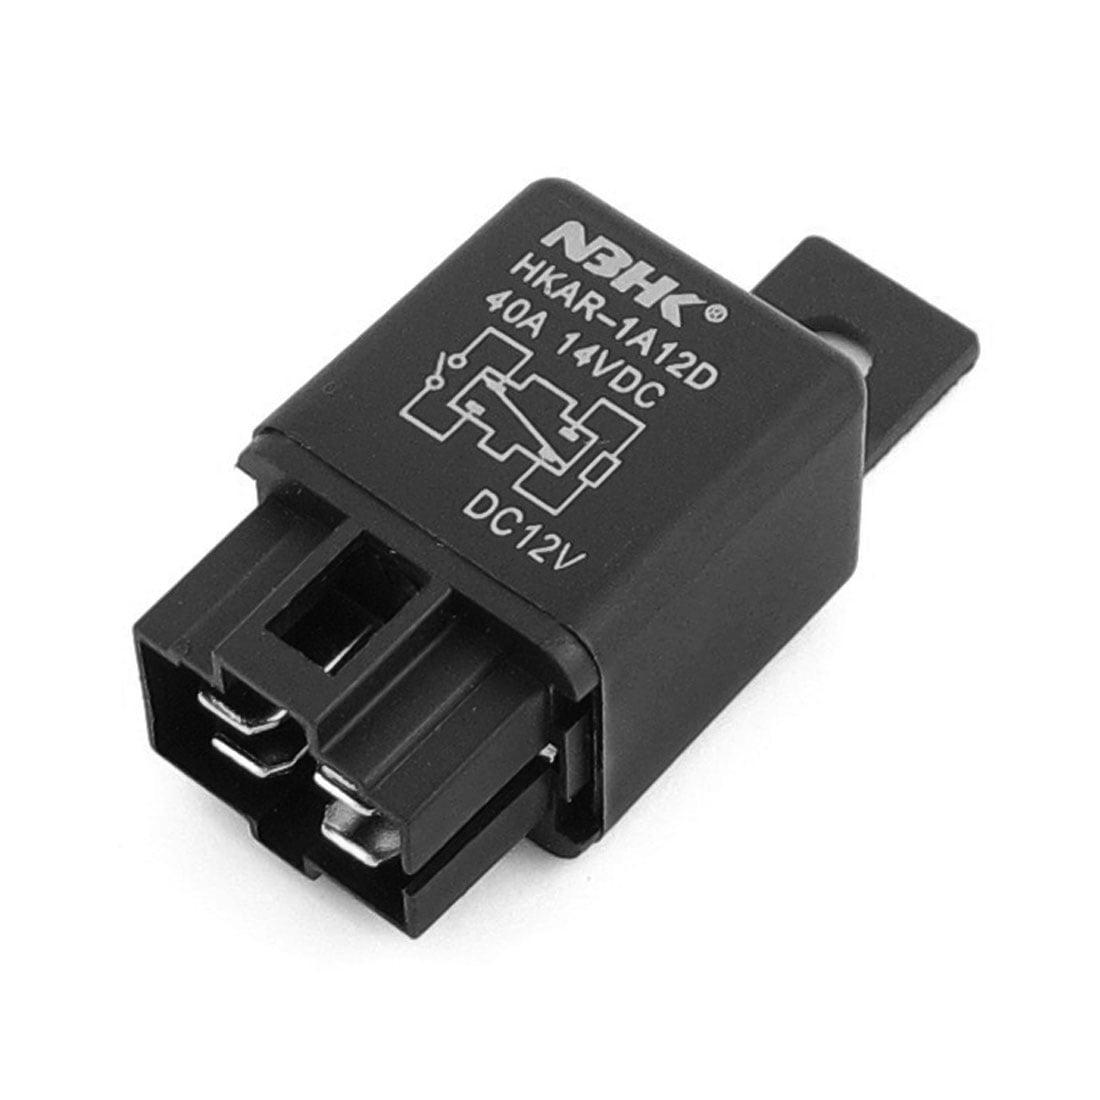 Black Car Automotive Alarm 4 Pin SPDT Relay 40A DC 12V